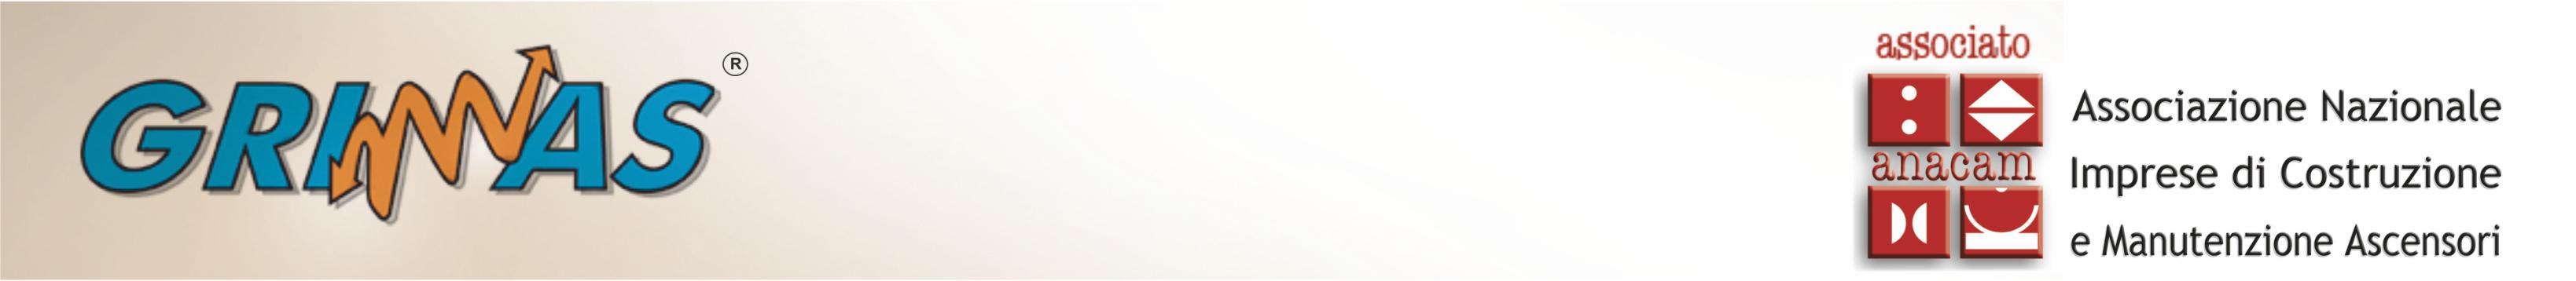 GriMas® – Ascensori – Home Lift – Minilift – Microlift – Montacarichi – Servoscala – Montascale – Automazione DormaKaba – Informatica – Consumabili – Videosorveglianza – Domotica – Ripetitori GSM/UMTS/LTE – Campania Napoli